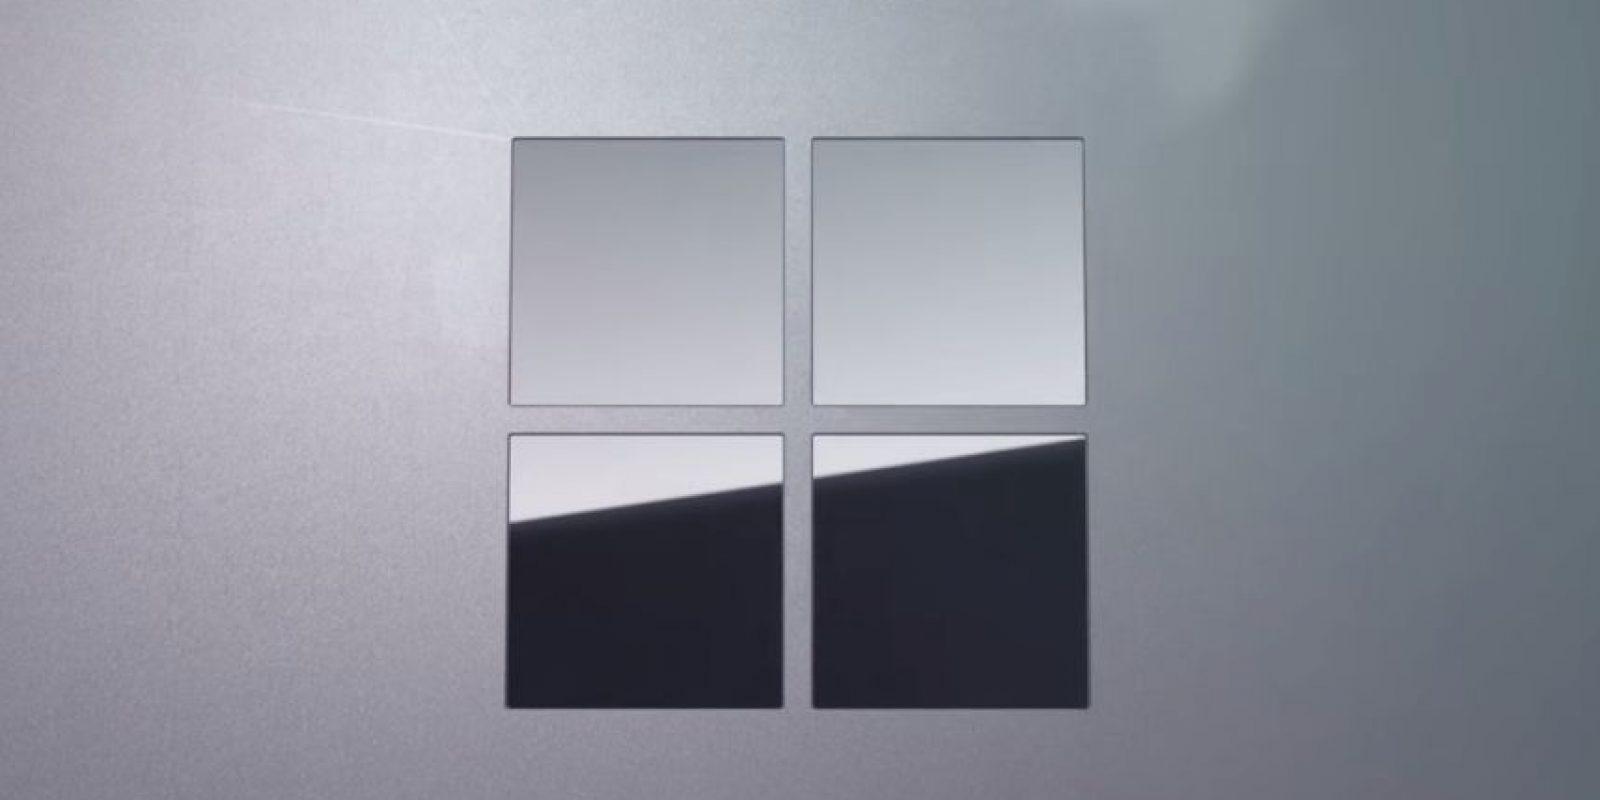 El brillante logo de la compañía en este dispositivo. Foto:Microsoft